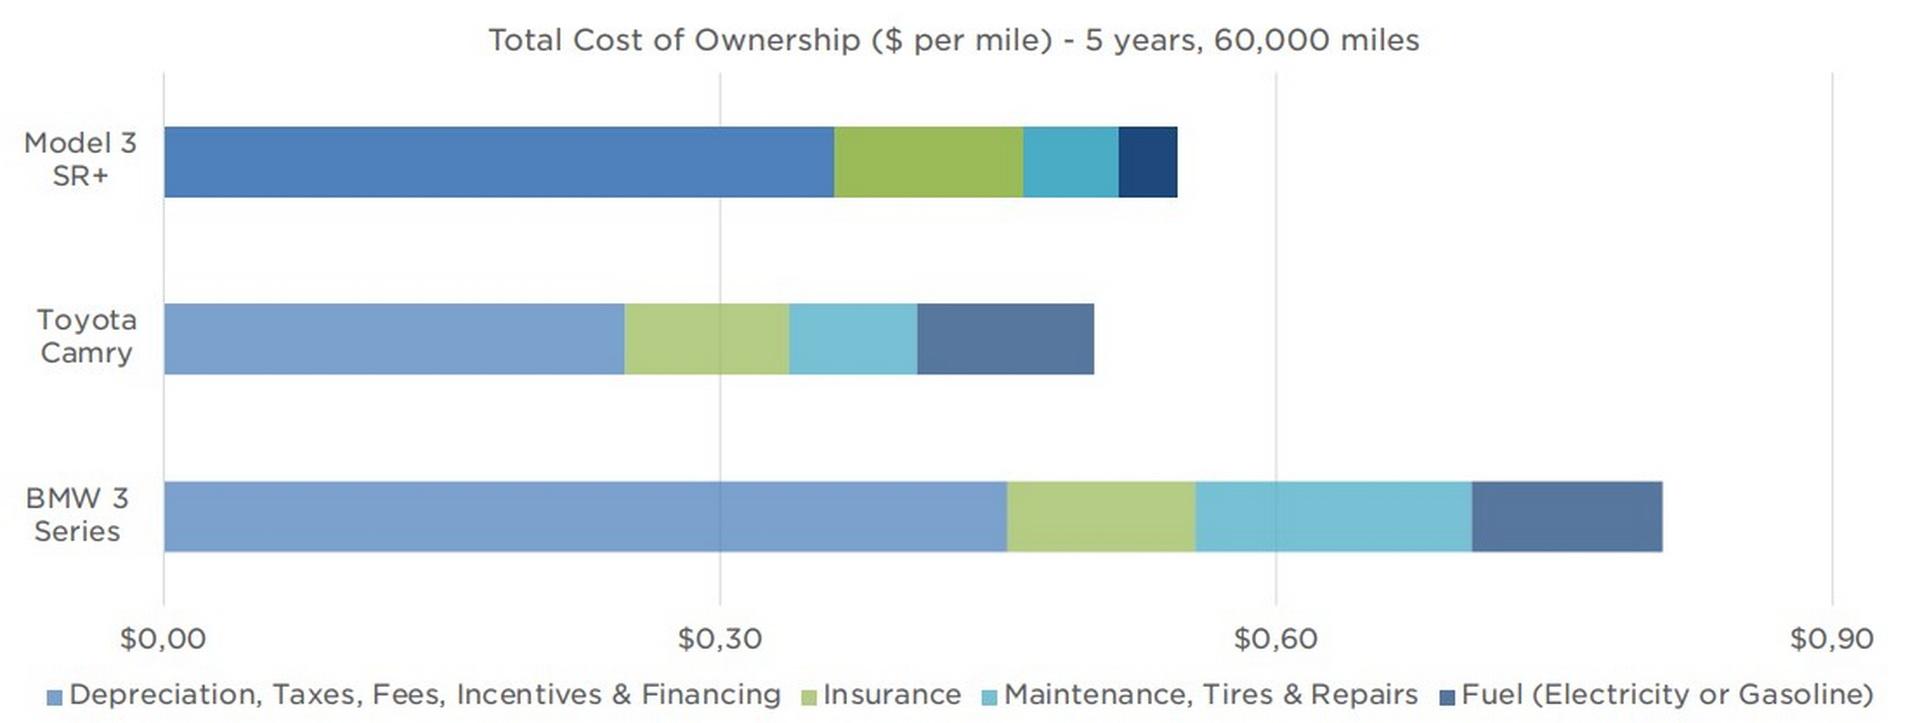 تنافس تيسلا موديل 3 مجموعة من السيارات تشمل نظيراتها الفاخرة من بي إم دبليو ومرسيدس، وفق الشركة فإن تكاليف تشغيل السيارة هو أقل من منافساتها.